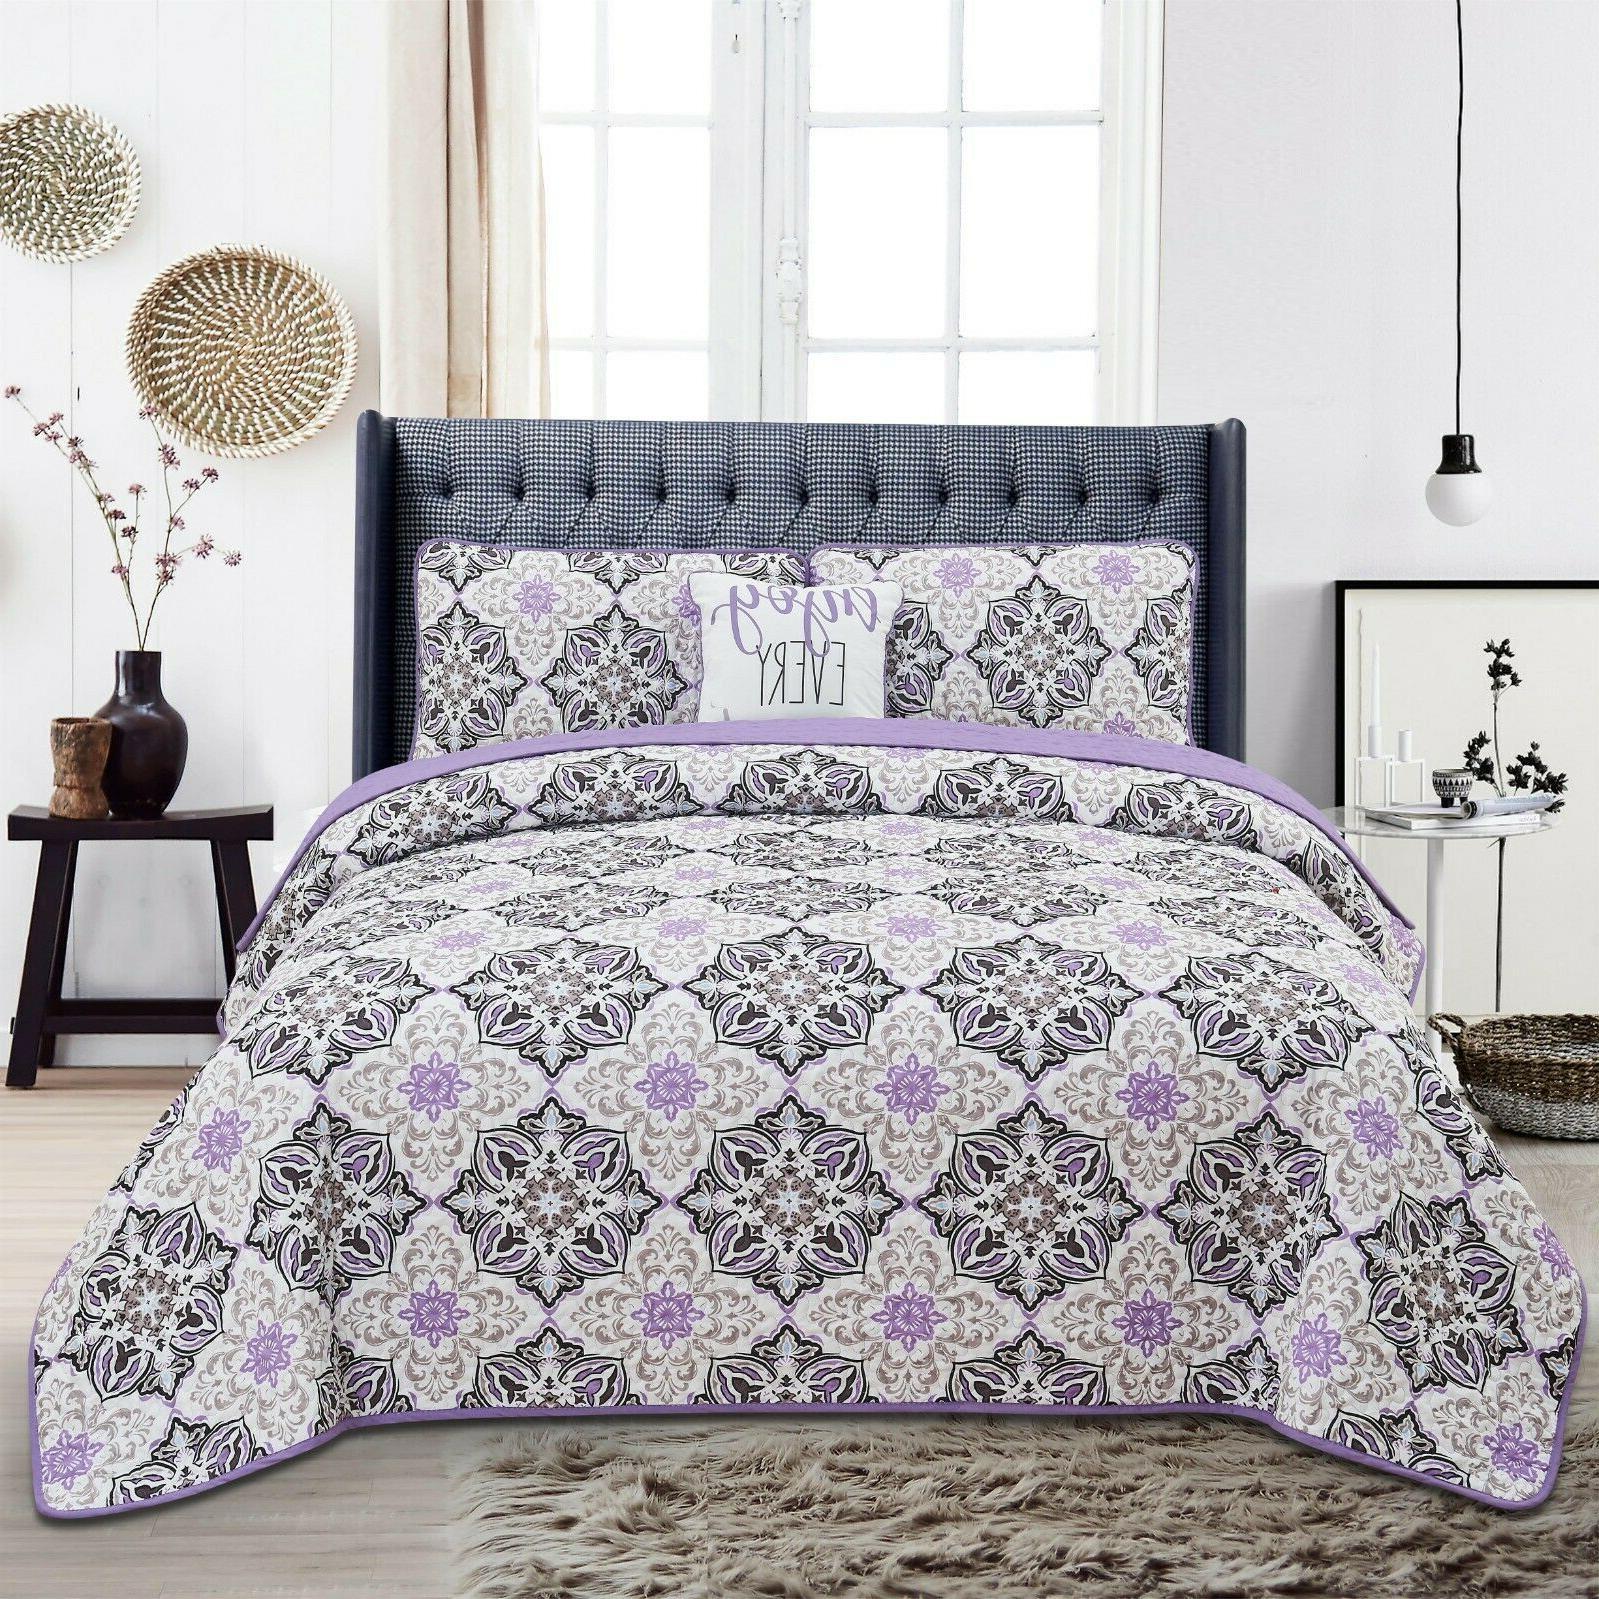 4 Bedding Set Queen Quilt Set Pillows